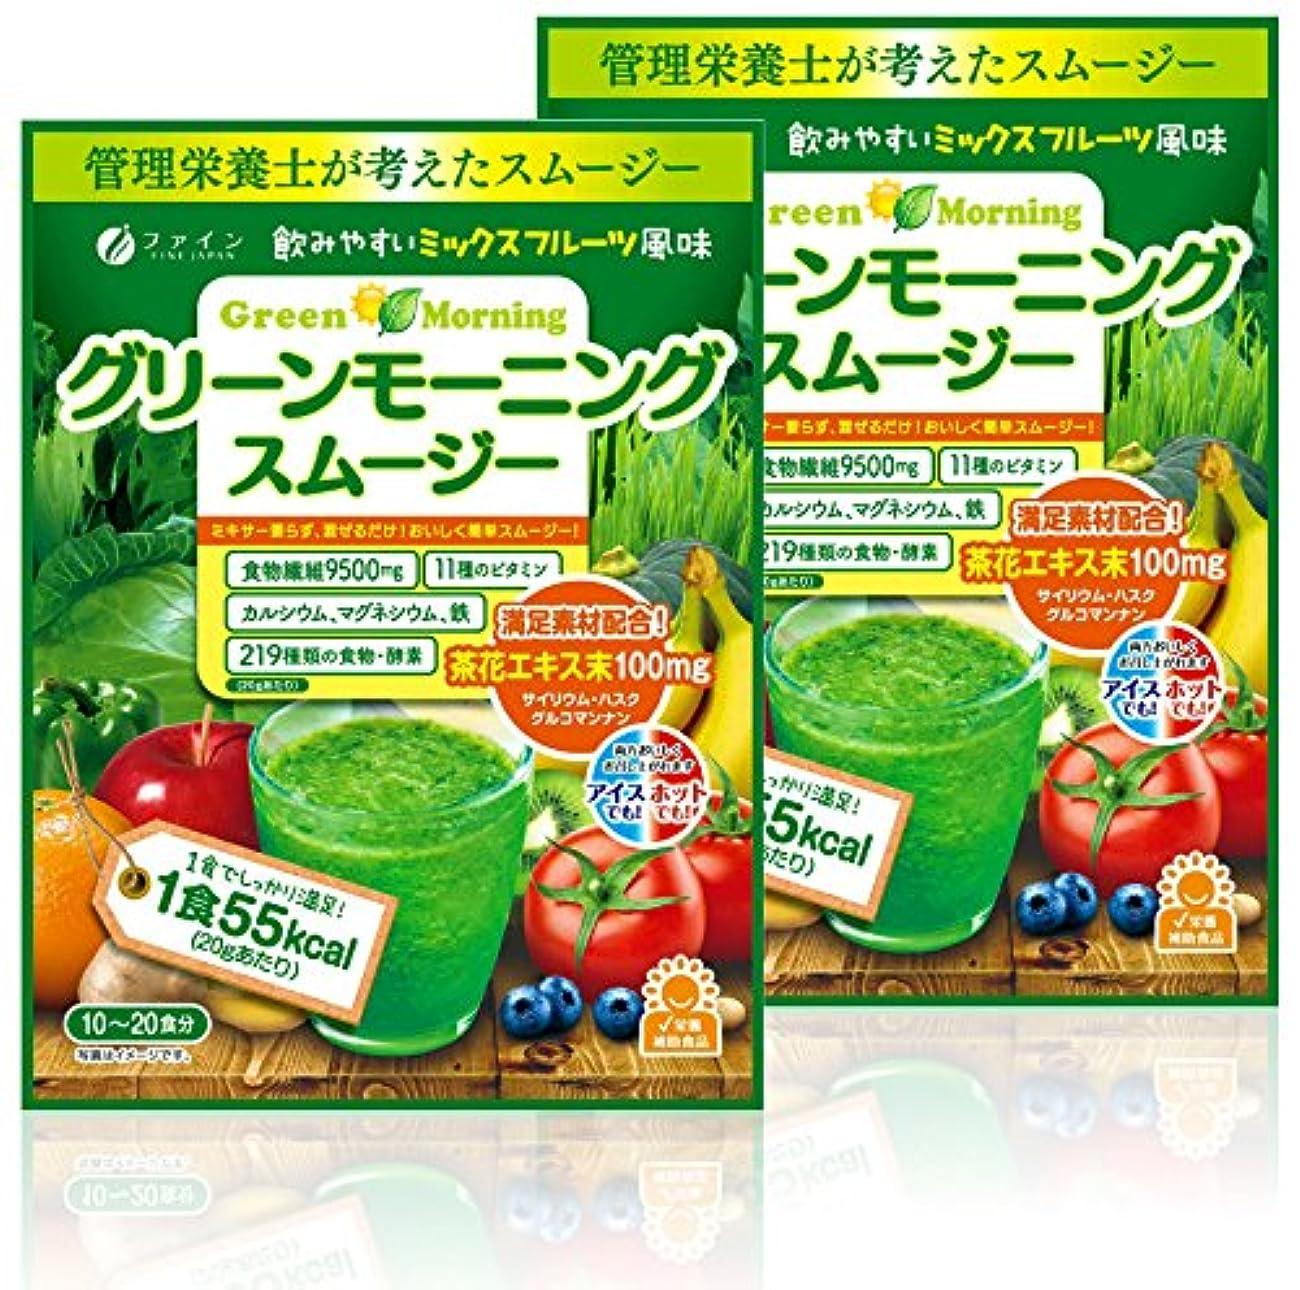 ボウル自発少なくともファイン グリーンモーニングスムージー 食物繊維9.5g 植物酵素配合 (200g入)×2袋セット